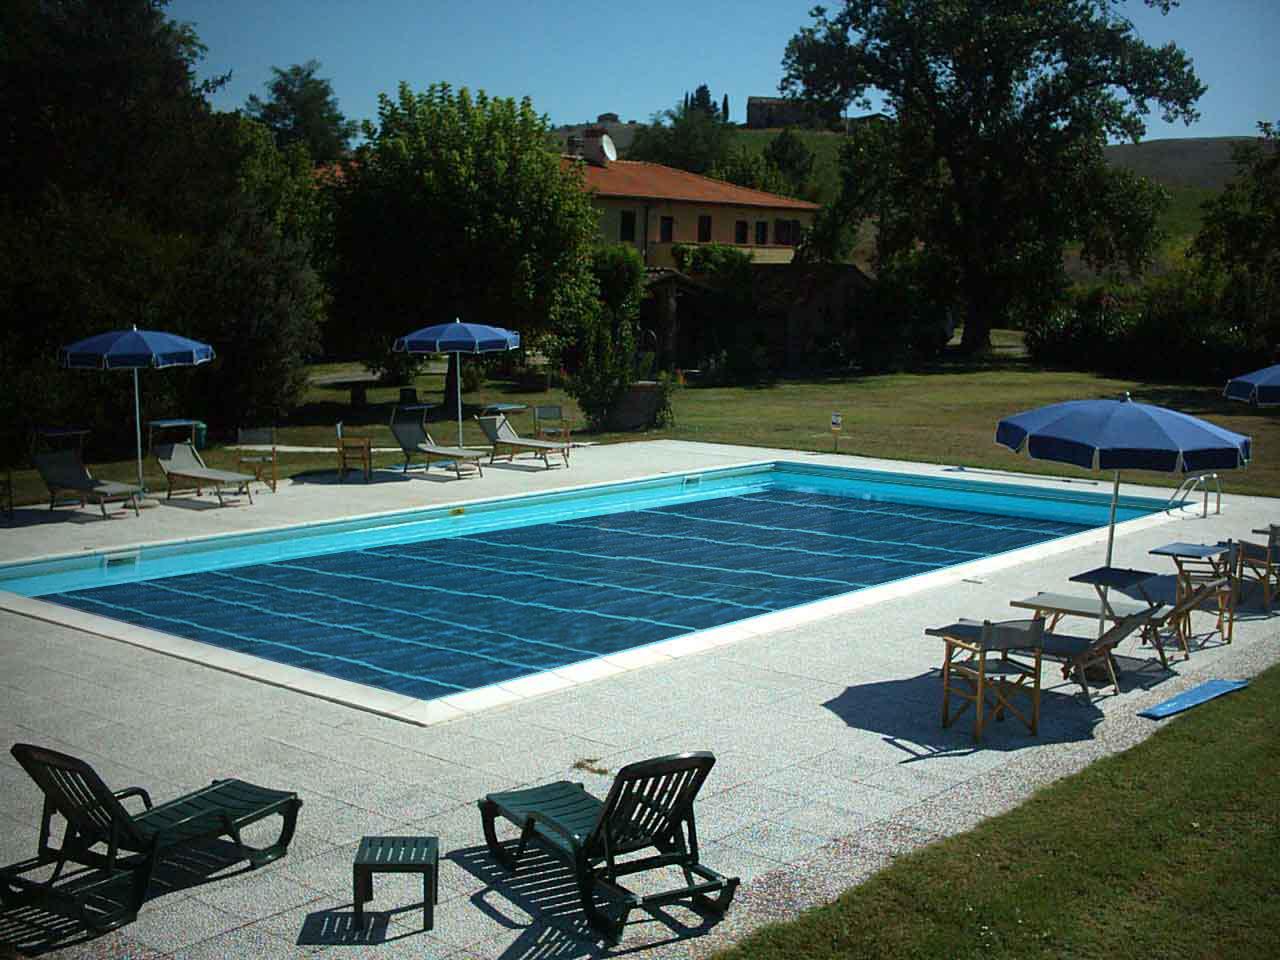 Archi love pannelli solari pannelli fotovoltaici e - Pannelli solari per piscina ...